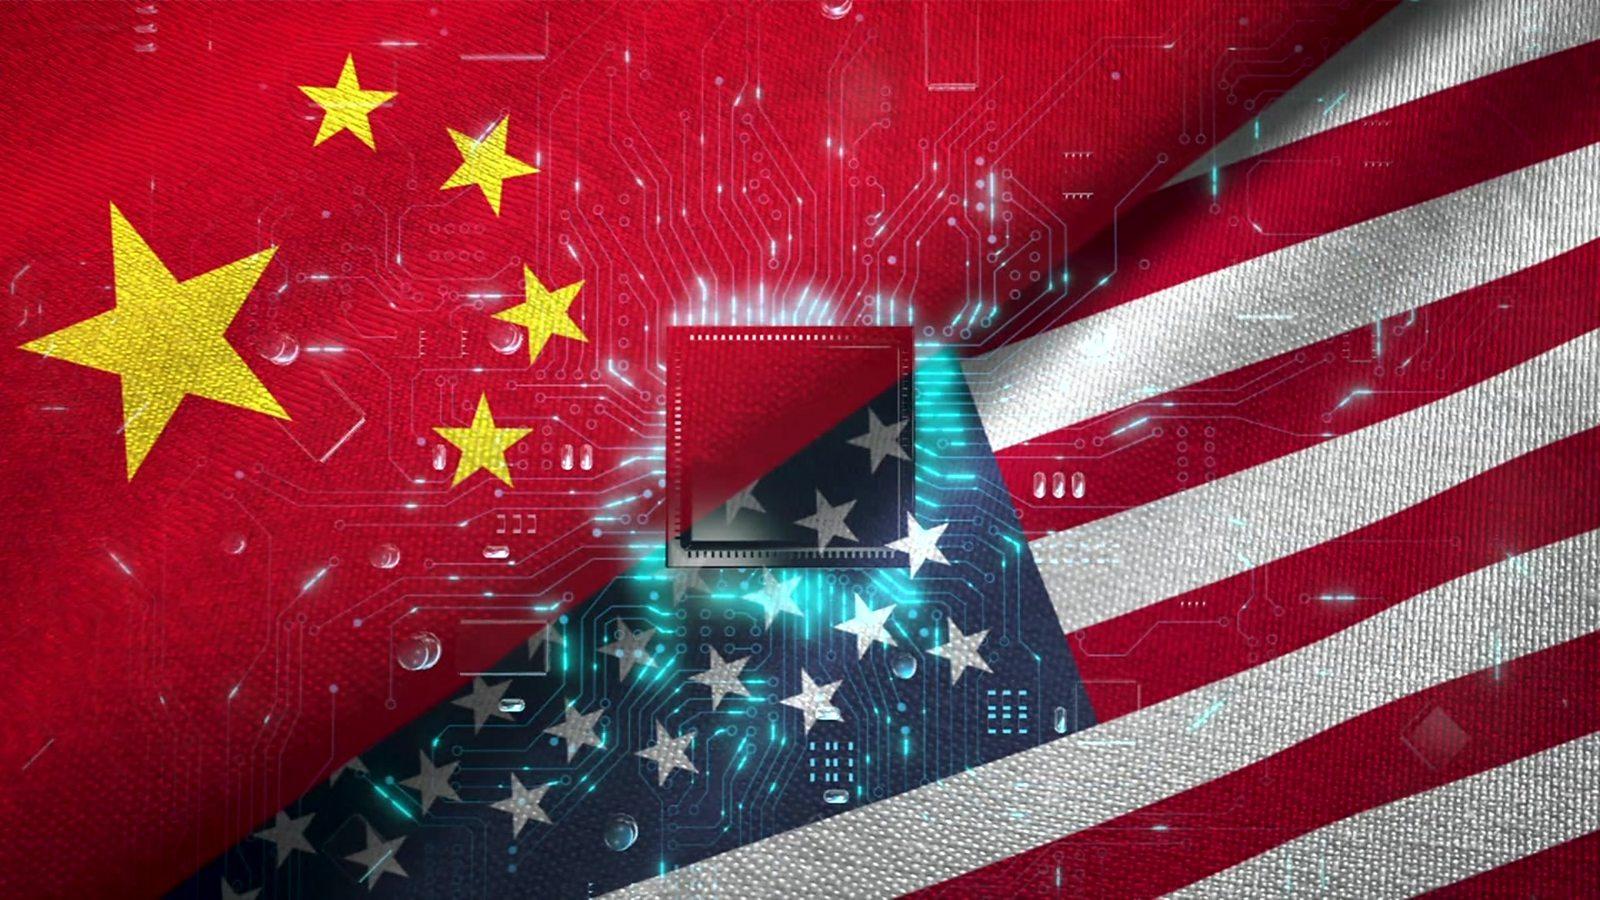 Chip wars: The US v China